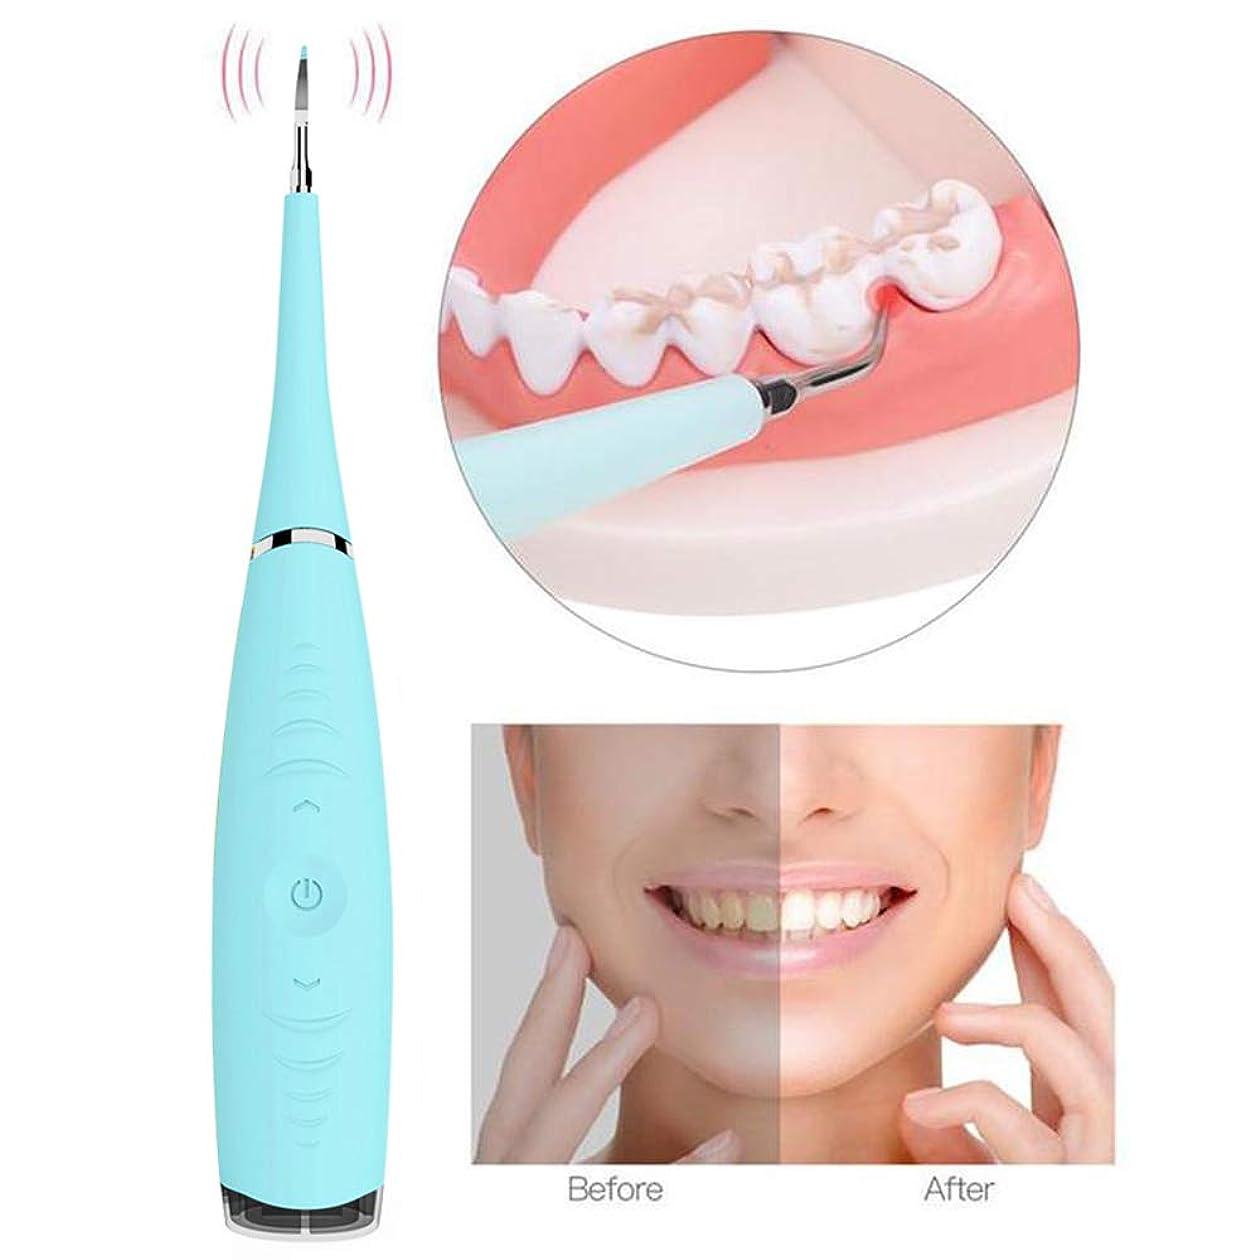 最大限差し控える恒久的歯石除去ホワイトニング歯石除去ポータブル家庭用歯石プラーク除去歯磨き粉用健康口腔衛生